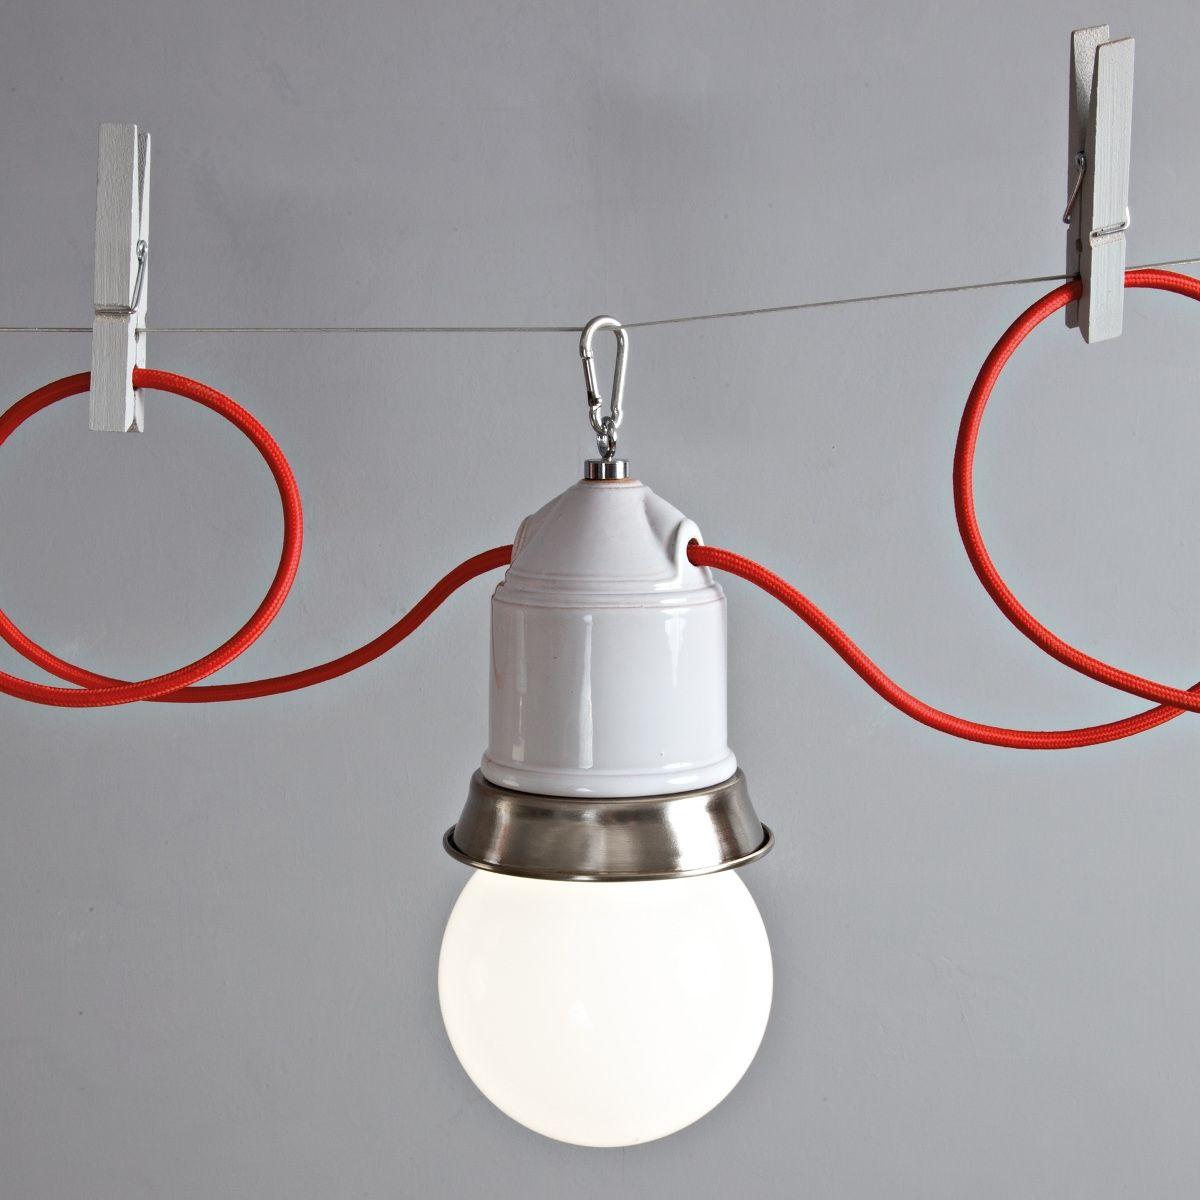 suspension multiple industrielle modulable sur c ble deco luminaires lights pinterest. Black Bedroom Furniture Sets. Home Design Ideas